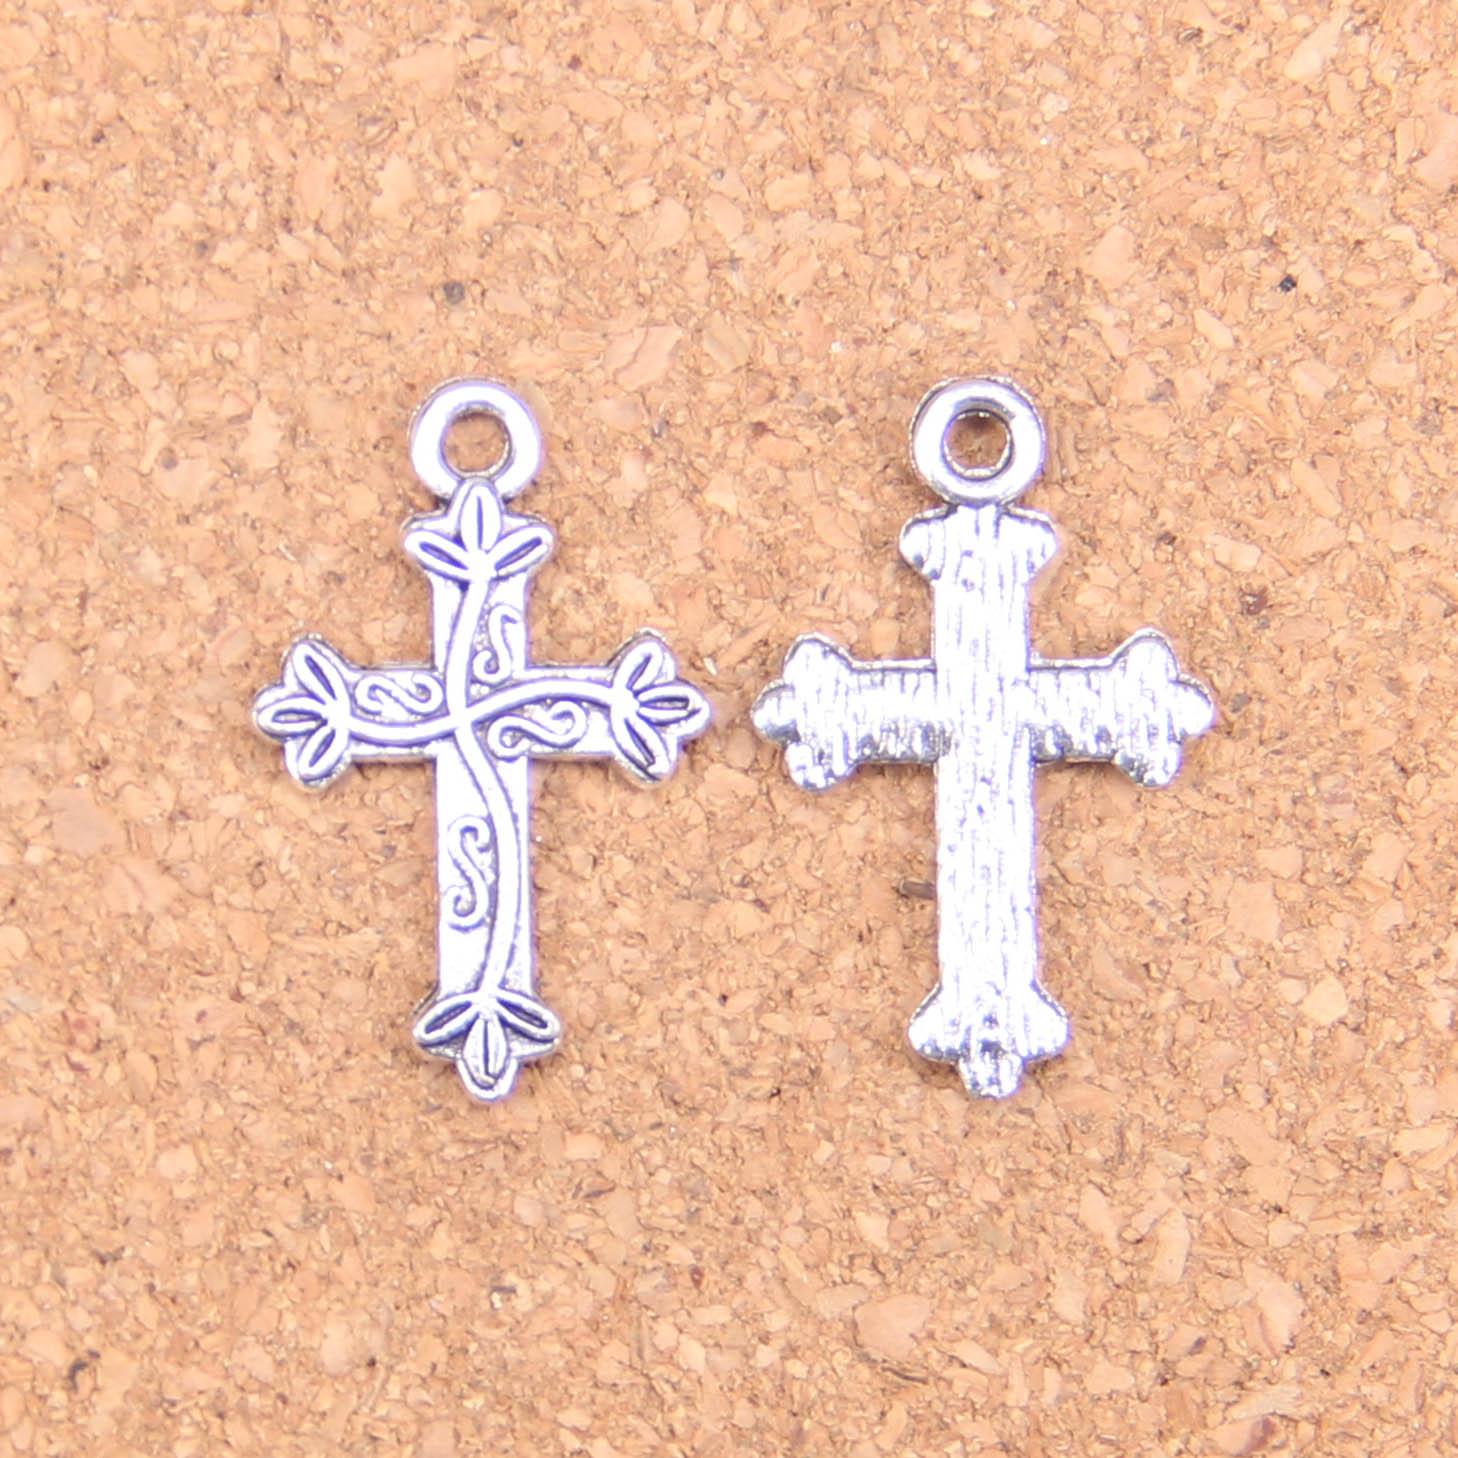 28Pcs Charms Bloem Kruis 16X25Mm Antieke Hangers, Vintage Tibetaans Zilveren Sieraden, diy Voor Armband Ketting